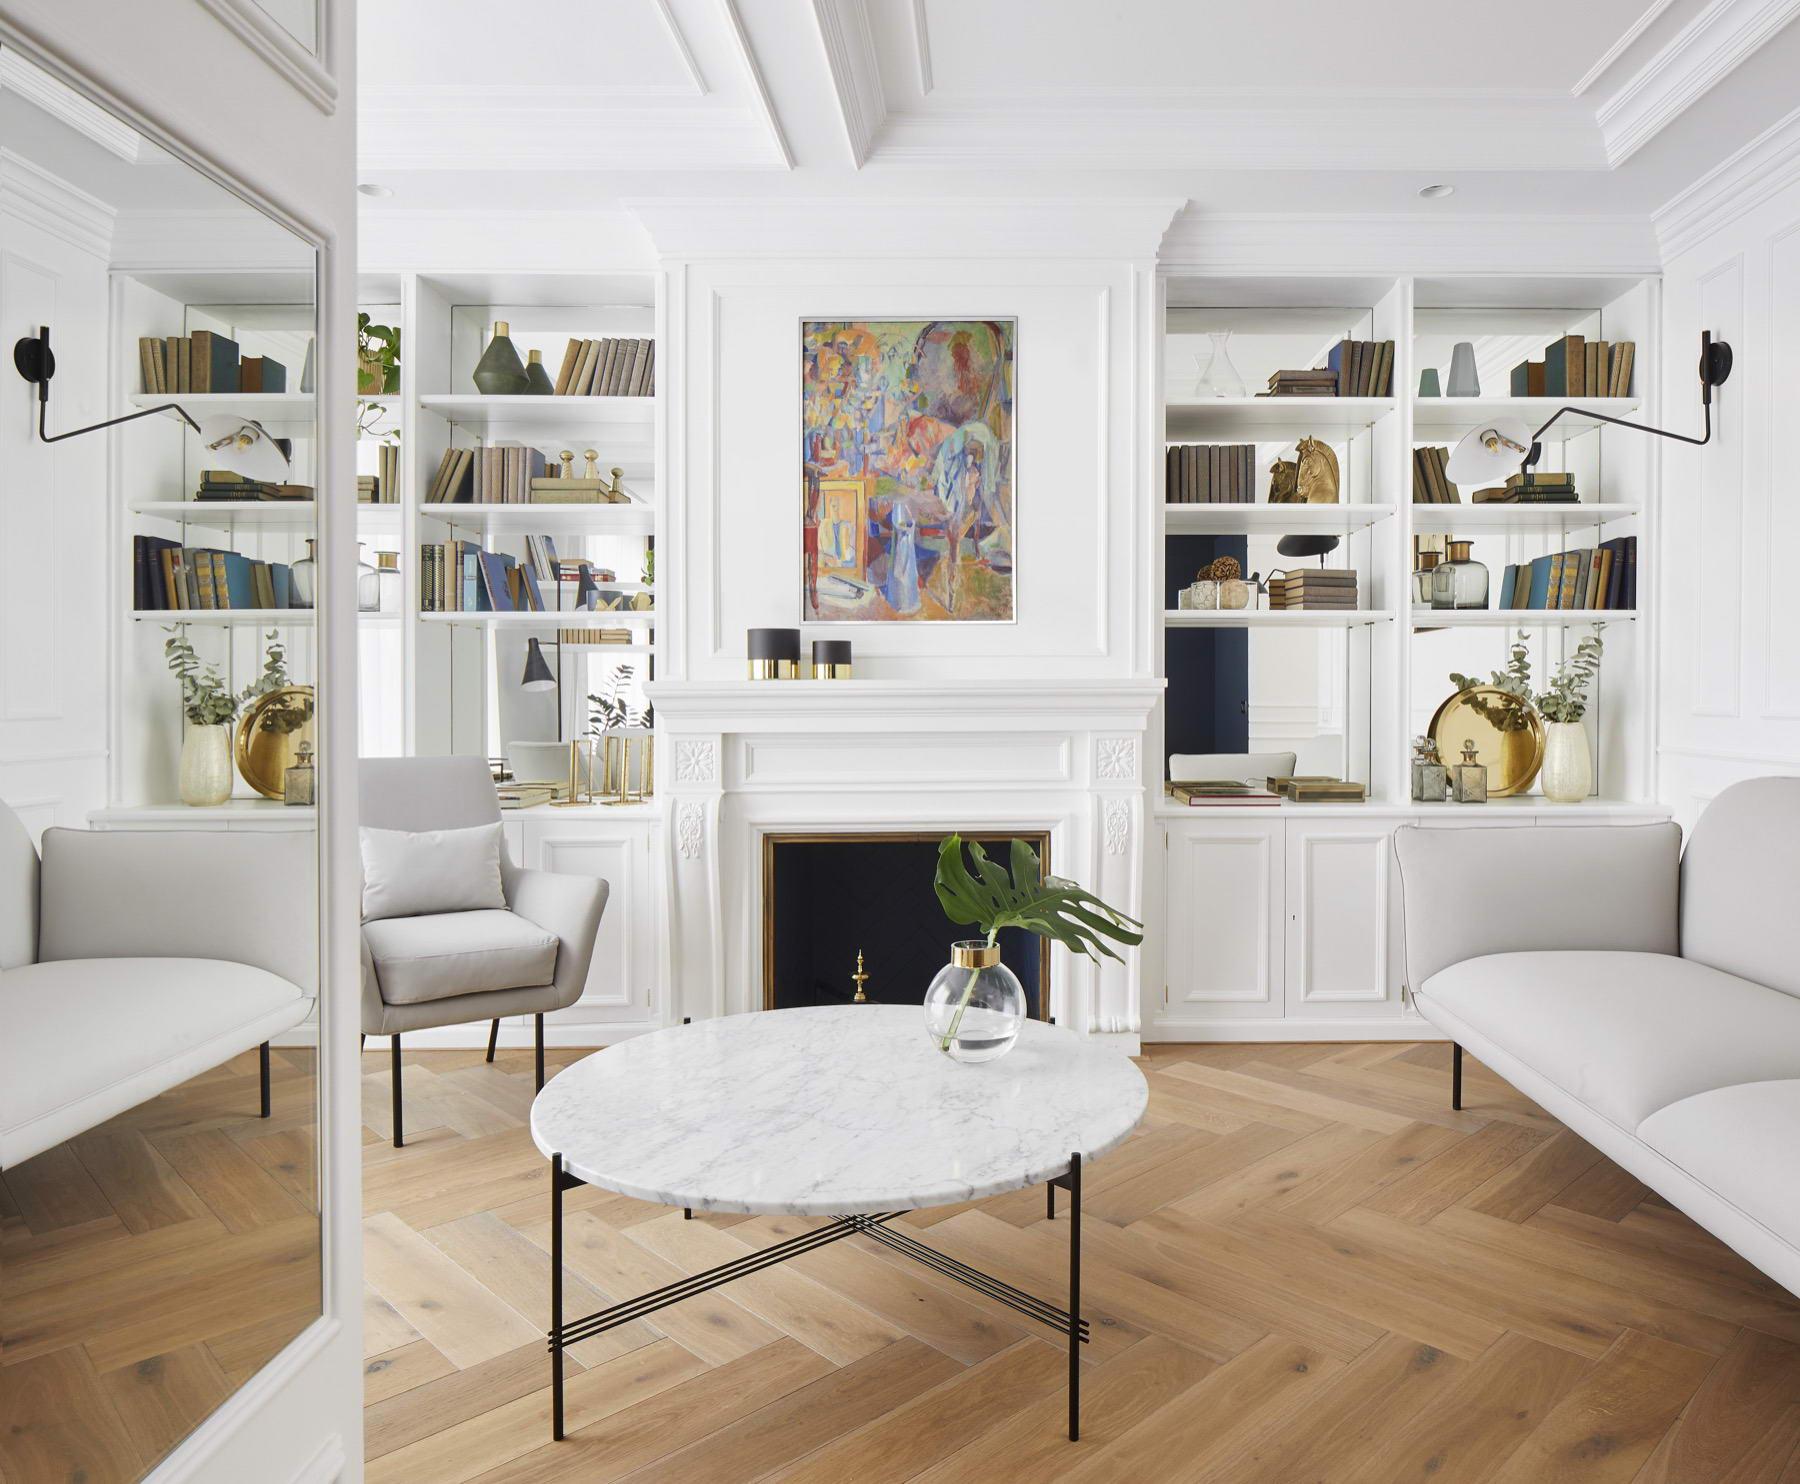 színes luxus lakás fehér romantikus nappali